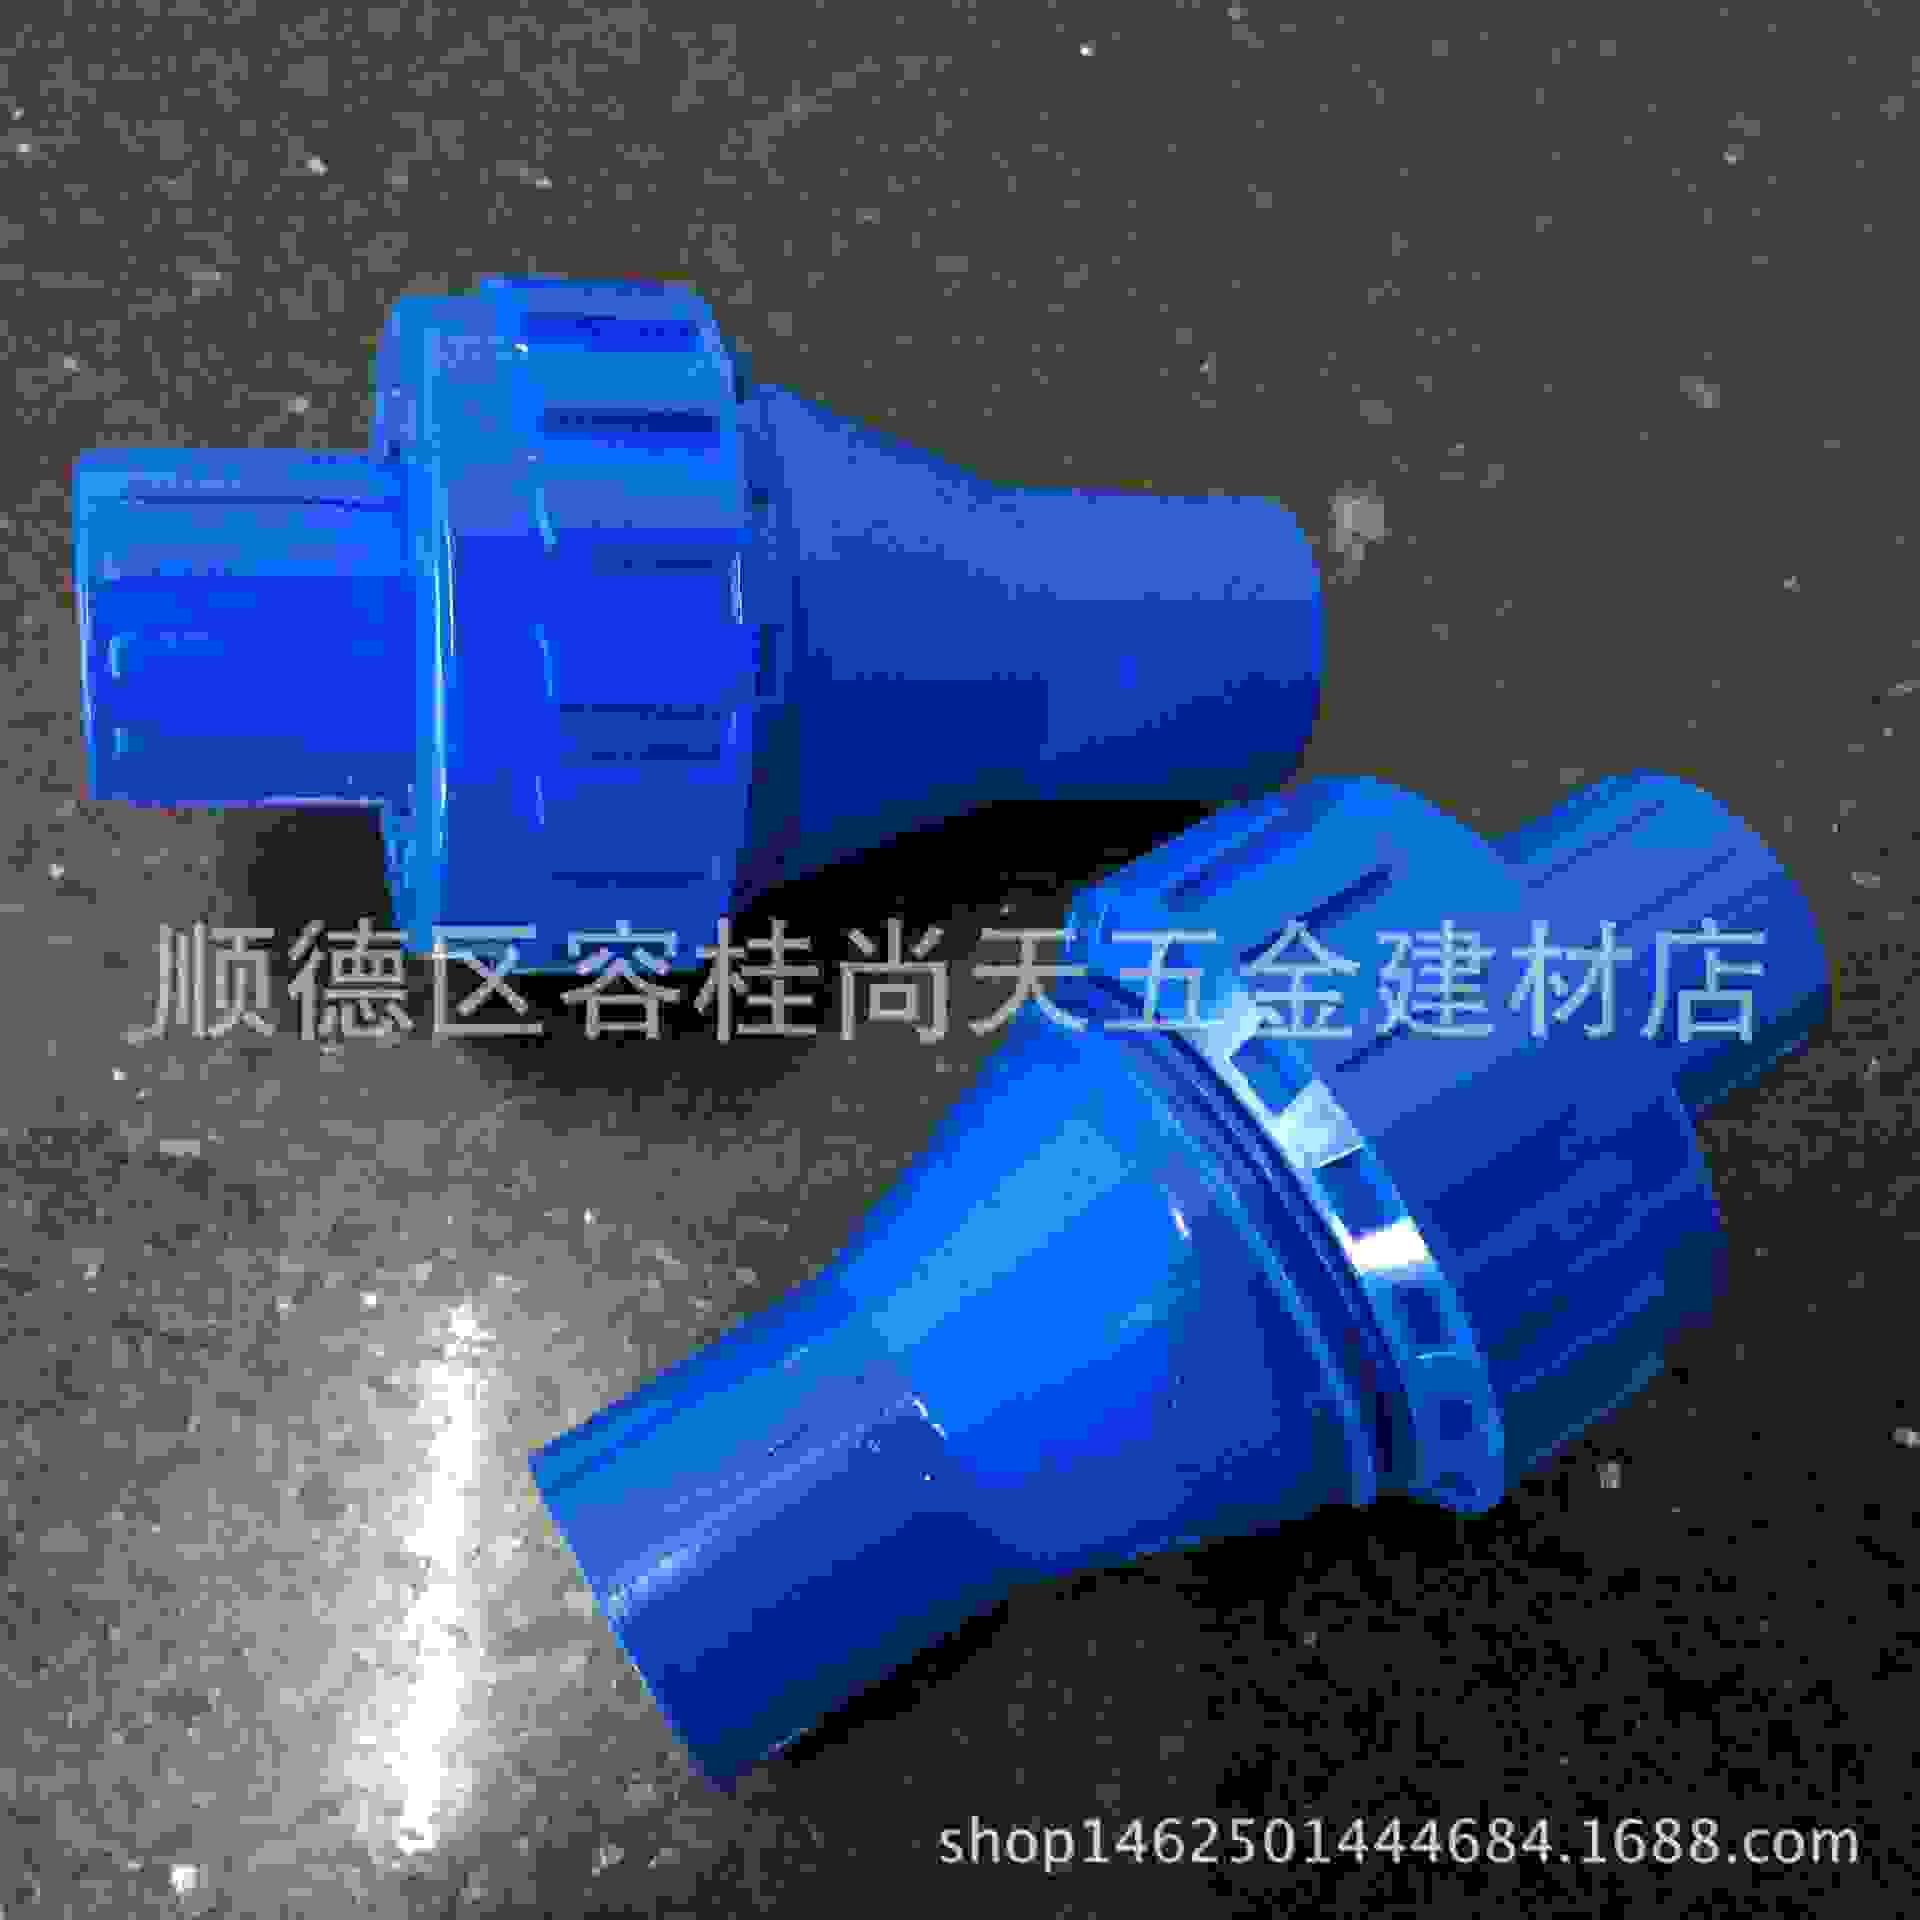 荐厂家直销 联塑 pvc-u 给水管件蓝色 止回阀 20~110图片